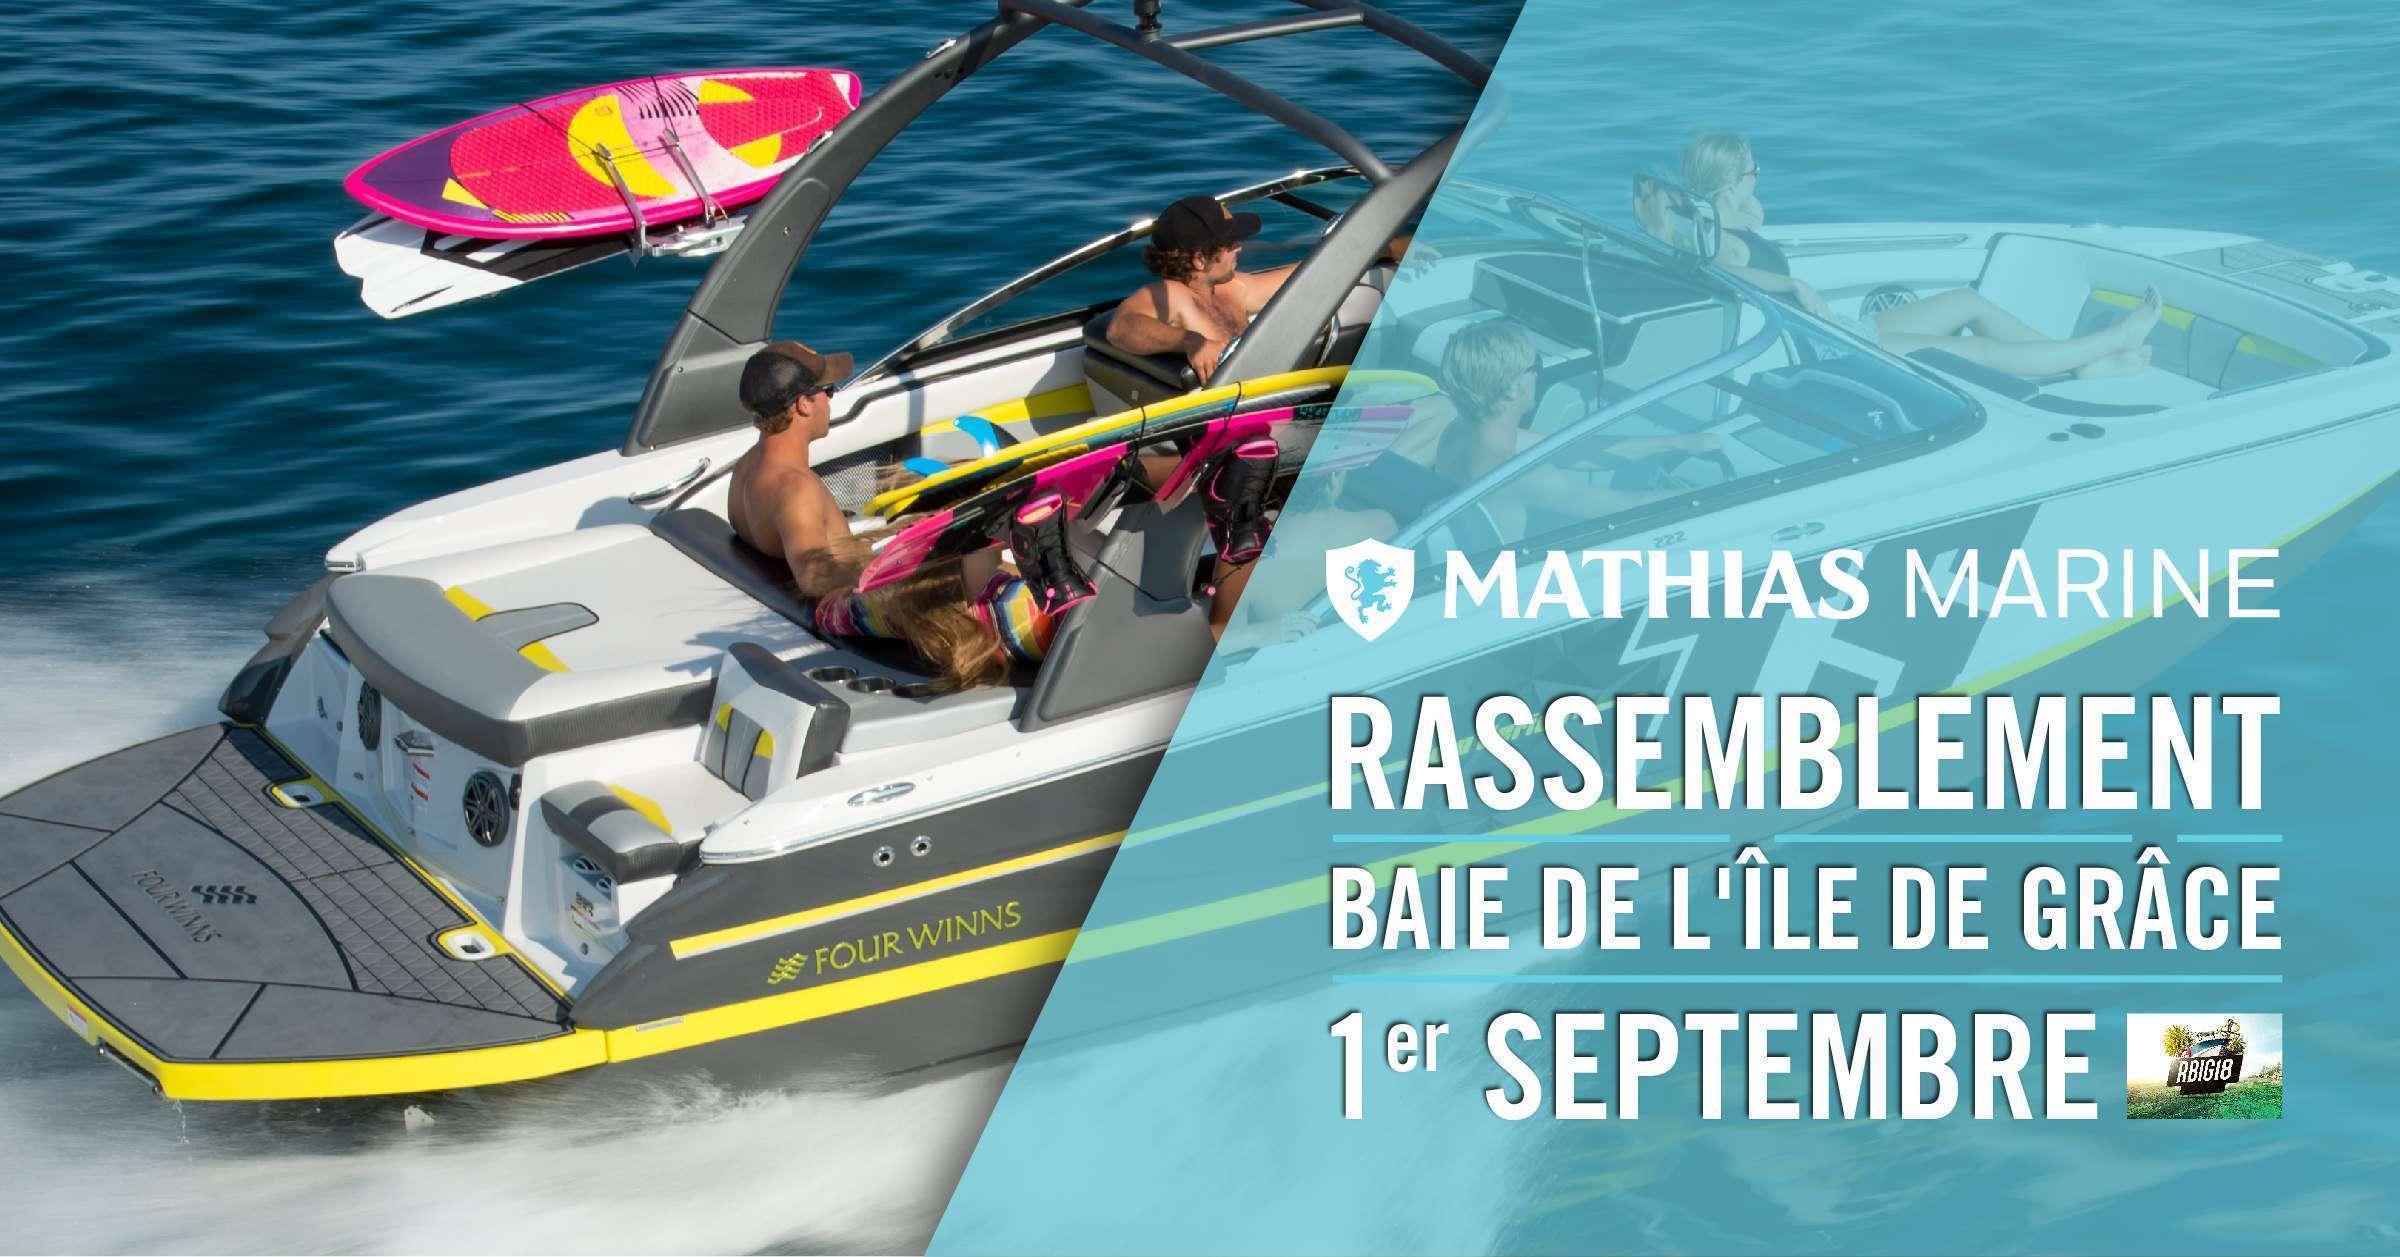 Le 1er septembre, venez nombreux au rassemblement nautique, Baie de l'île de Grâce!